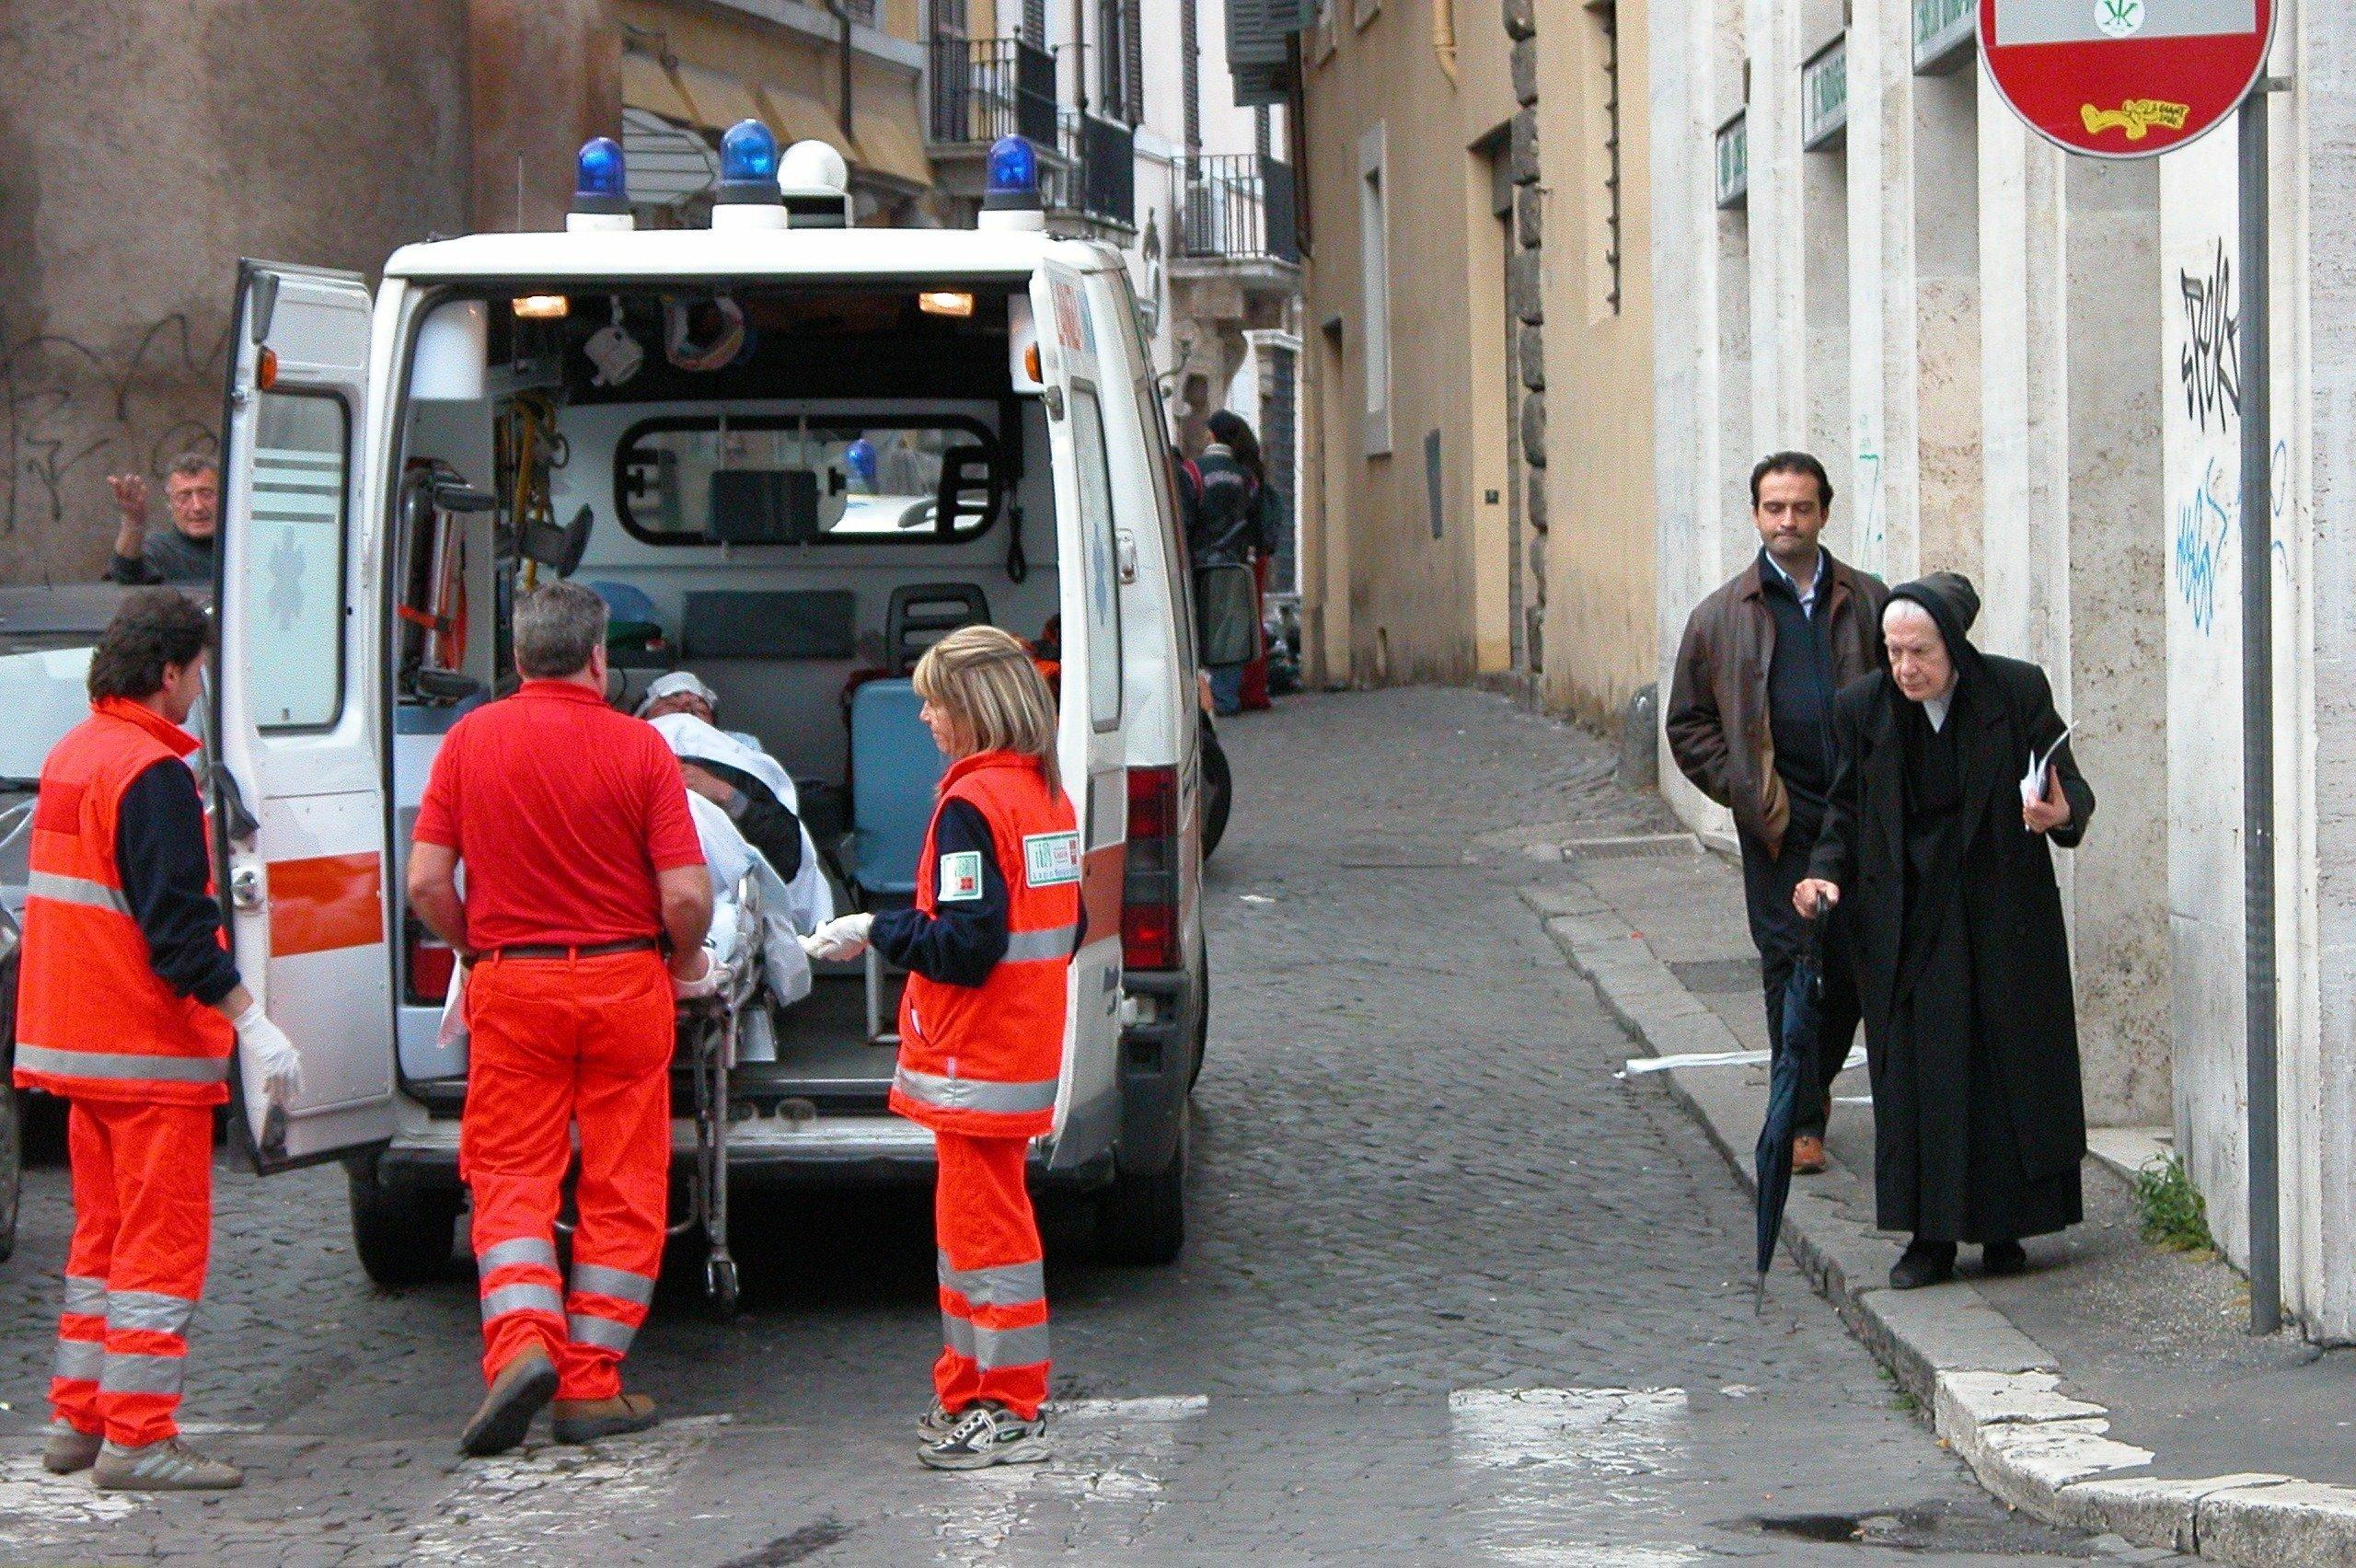 Rettungswagen blockiert eine Einfahrt - dann finden die Sanitäter diesen Zettel an der Windschutzscheibe